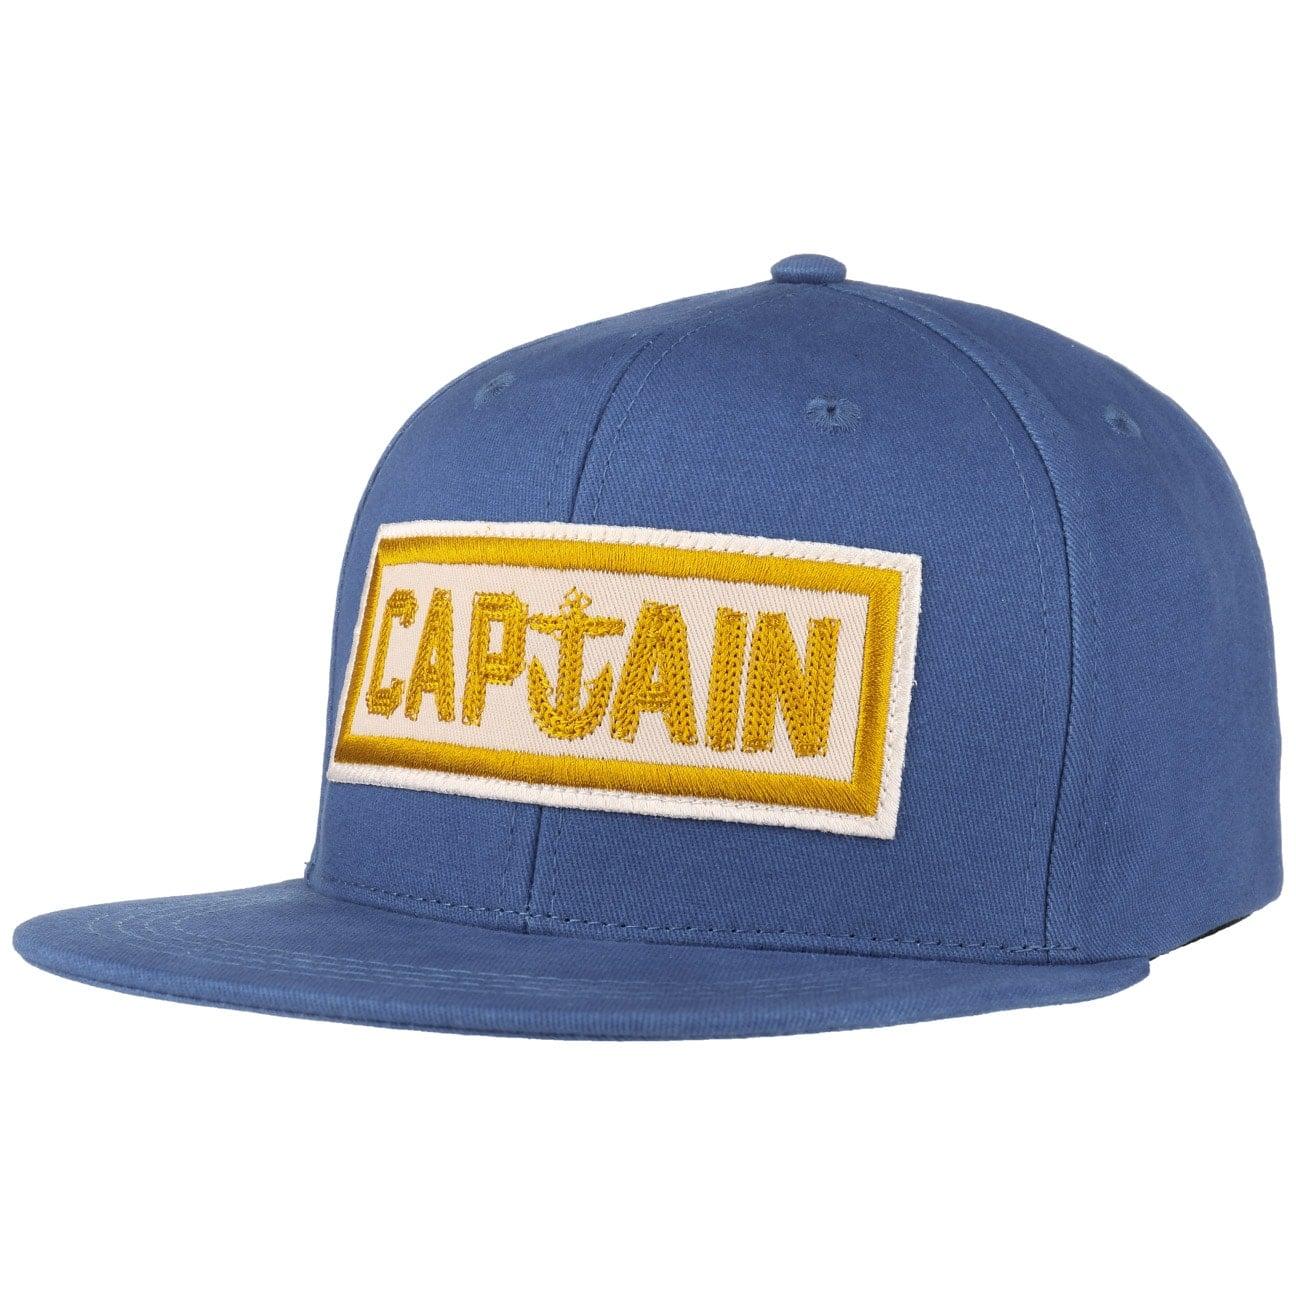 Gorra Naval Snapback by Captain Fin  gorra de baseball